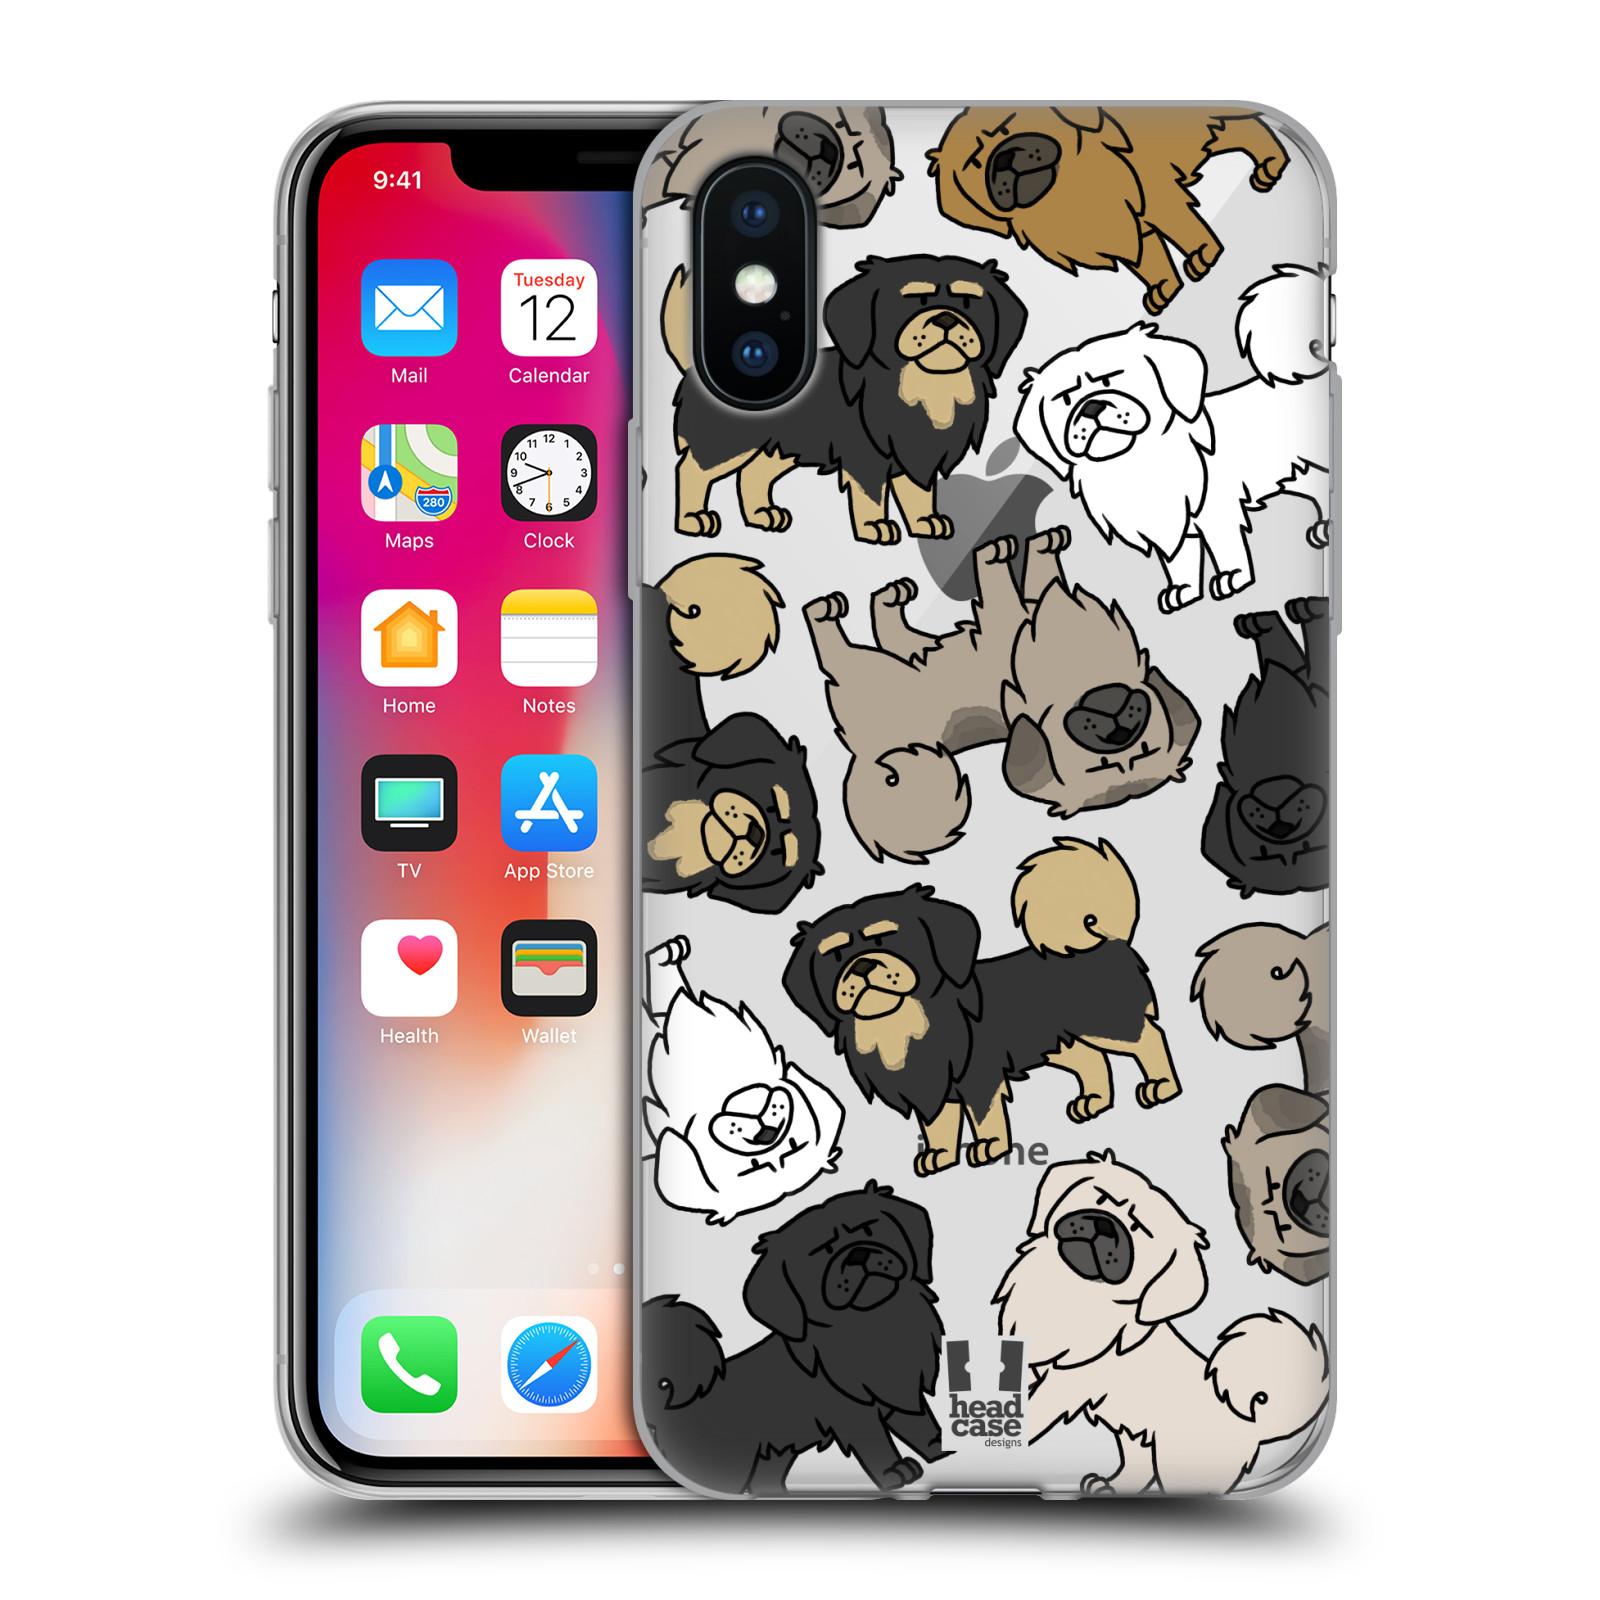 Patrones-De-Raza-Perro-Disenos-de-caso-HEAD-13-Estuche-De-Gel-Suave-para-TELEFONOS-APPLE-iPHONE